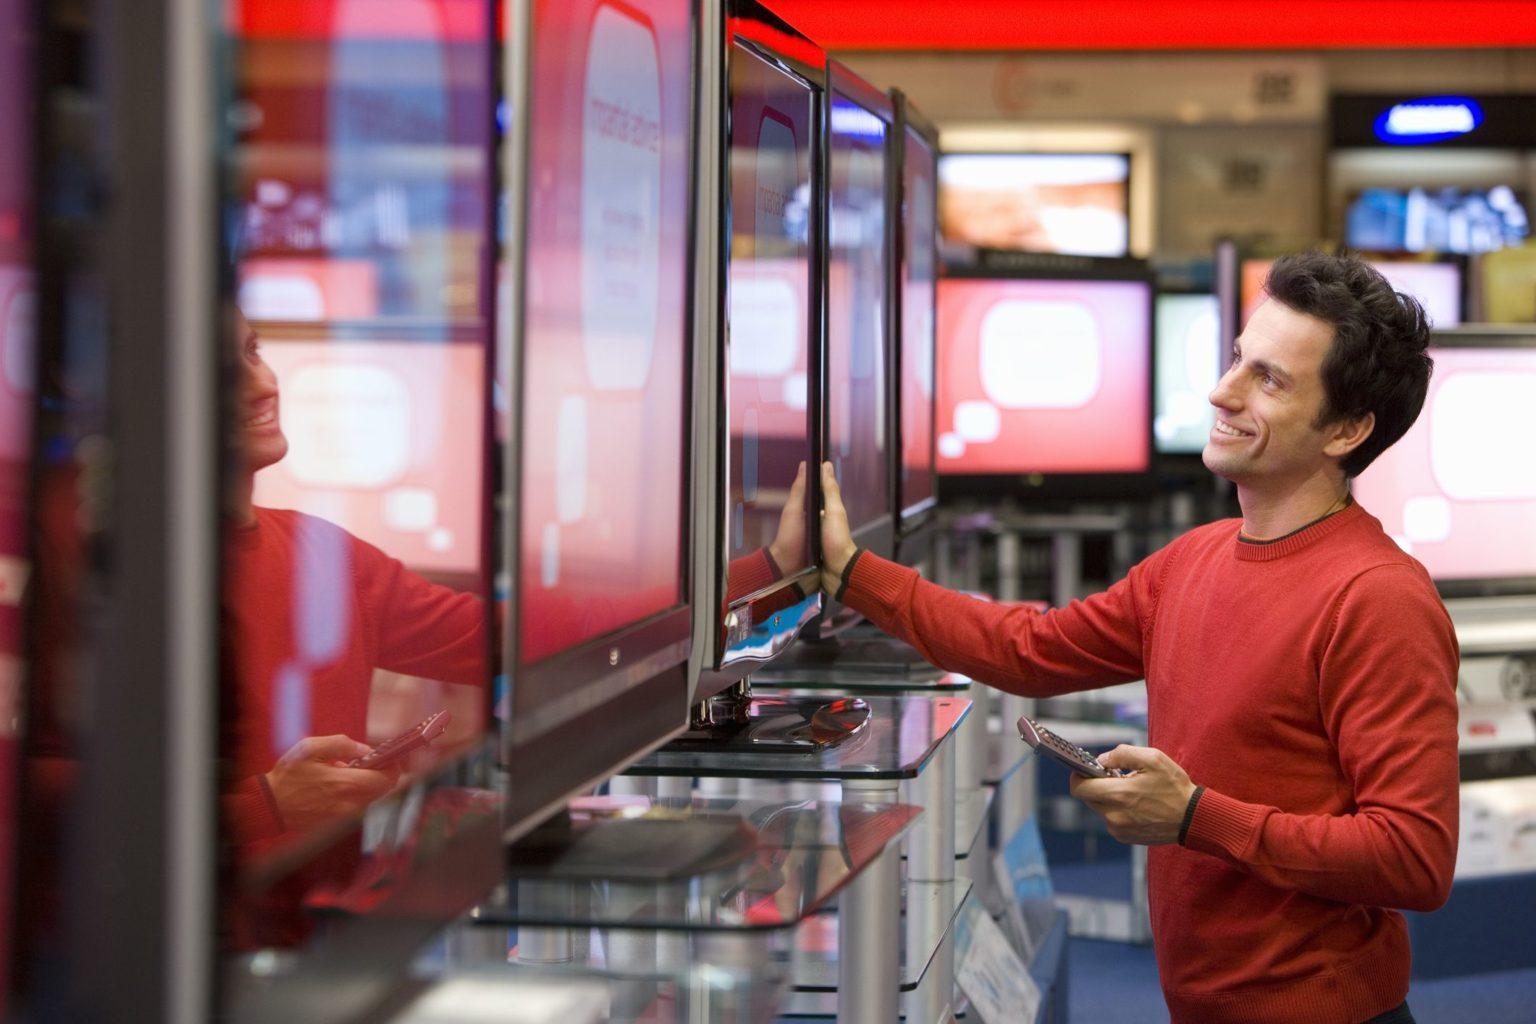 В Своем Интернет Магазине Дмитрий Продает Телевизоры